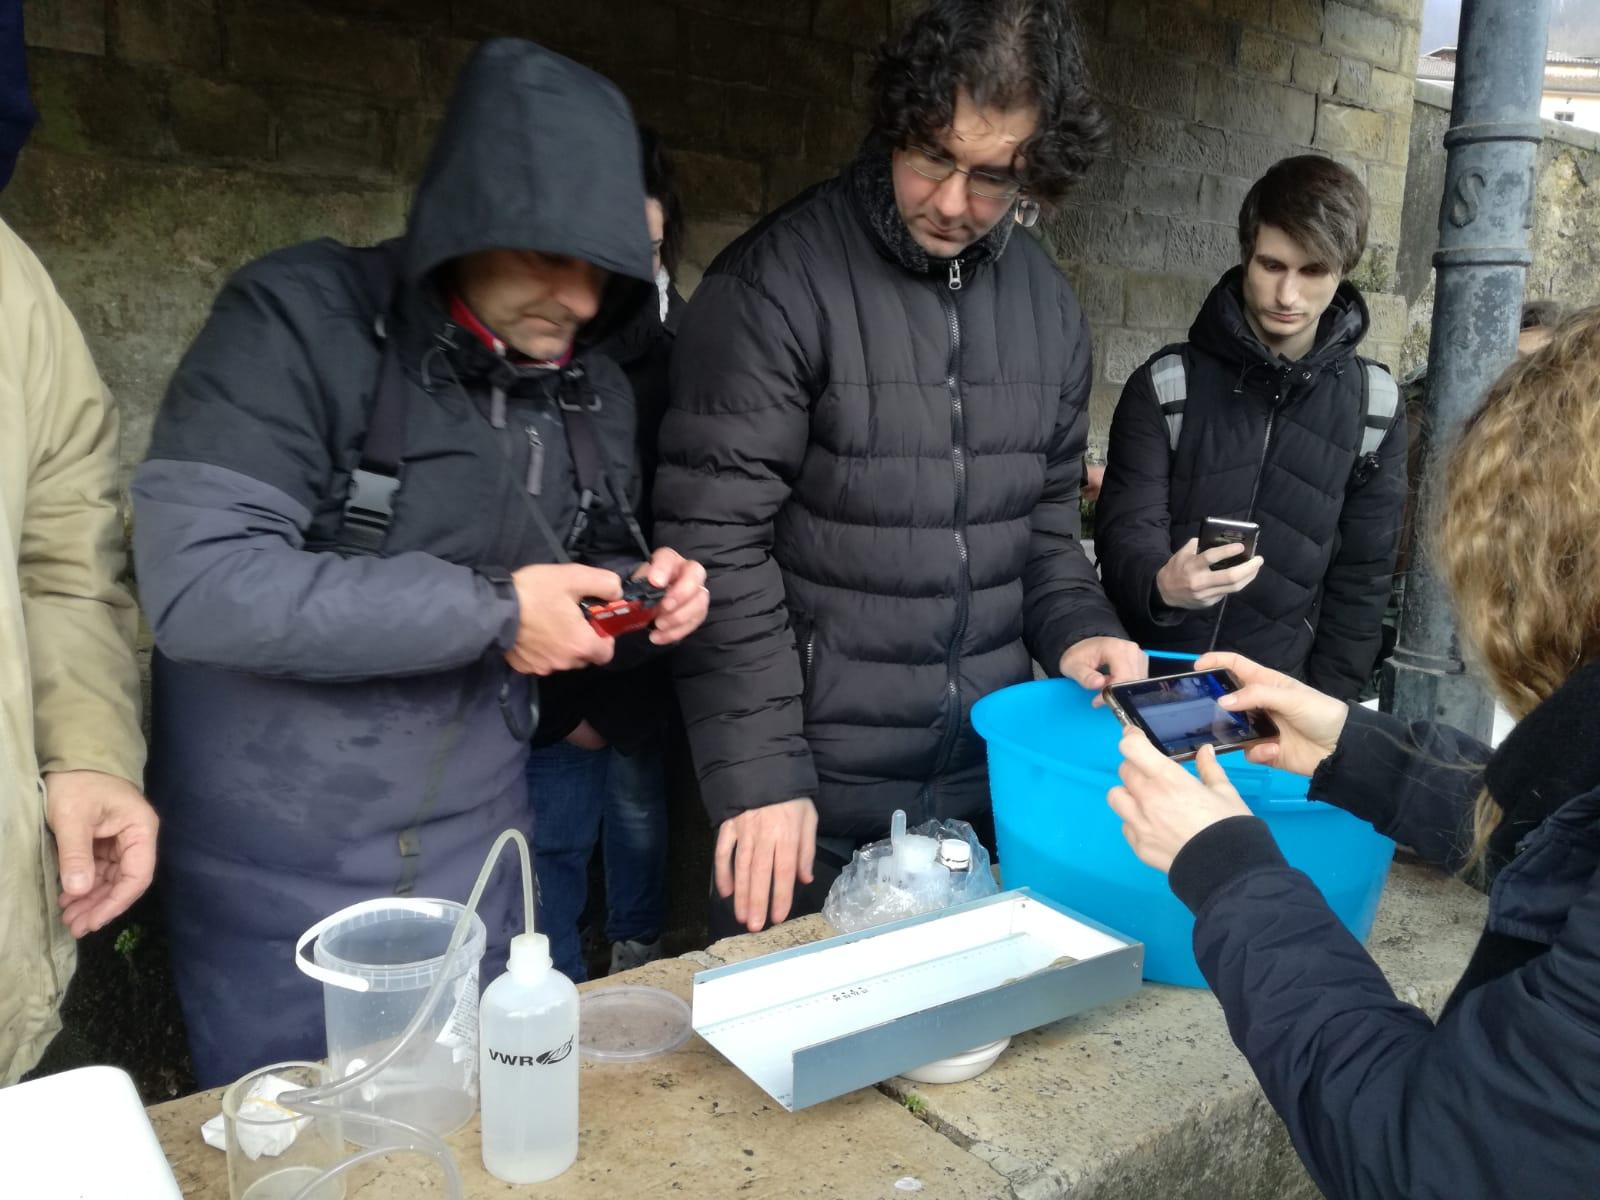 Monitoraggio del popolamento ittico e indagini su alimentazione e riproduzione dei salmonidi nella Riserva naturale Zompo lo Schioppo